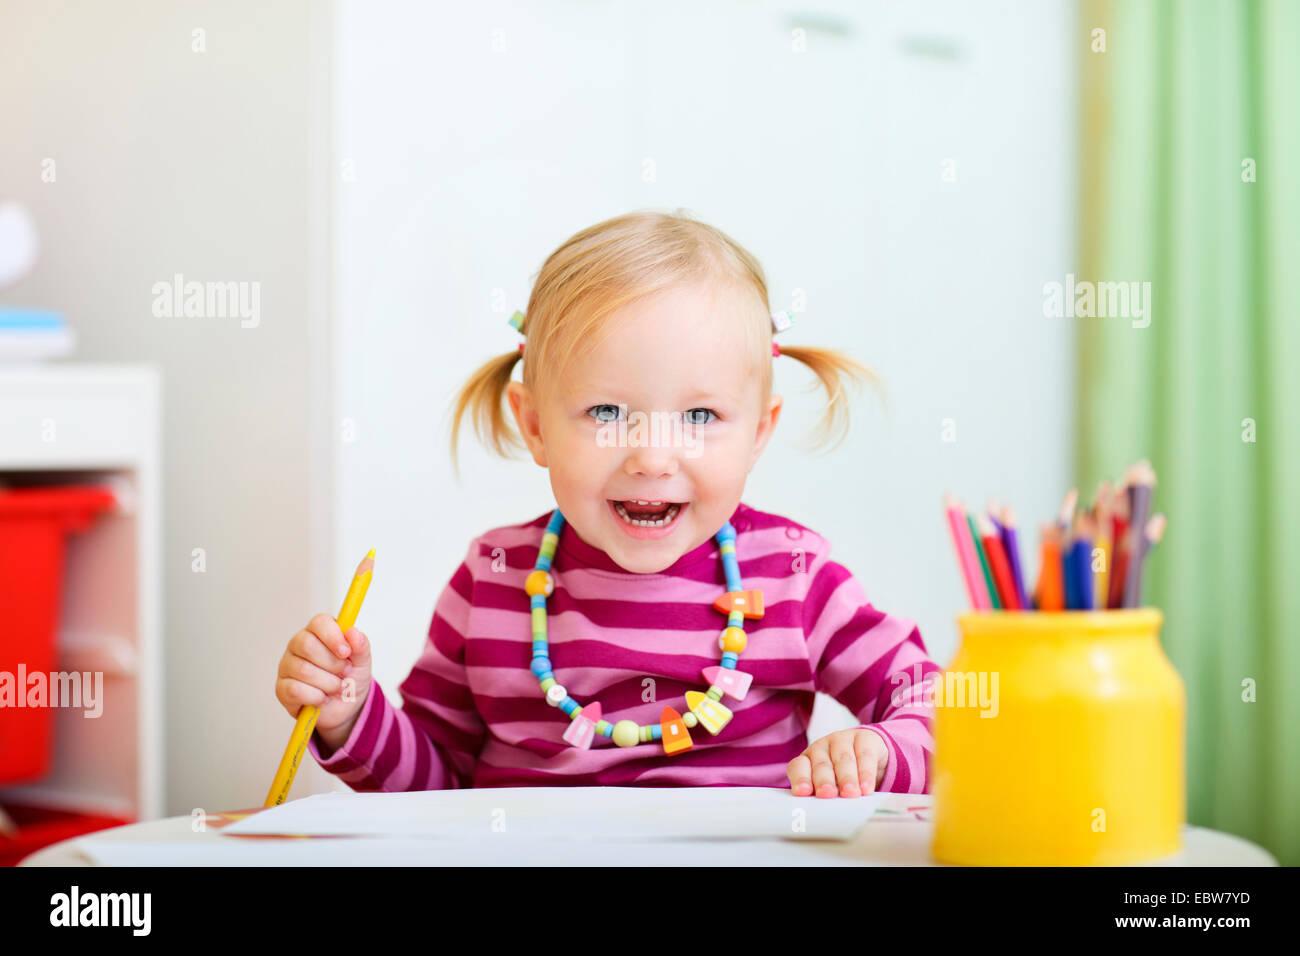 ein kleines Mädchen zeichnen mit Buntstiften Stockbild